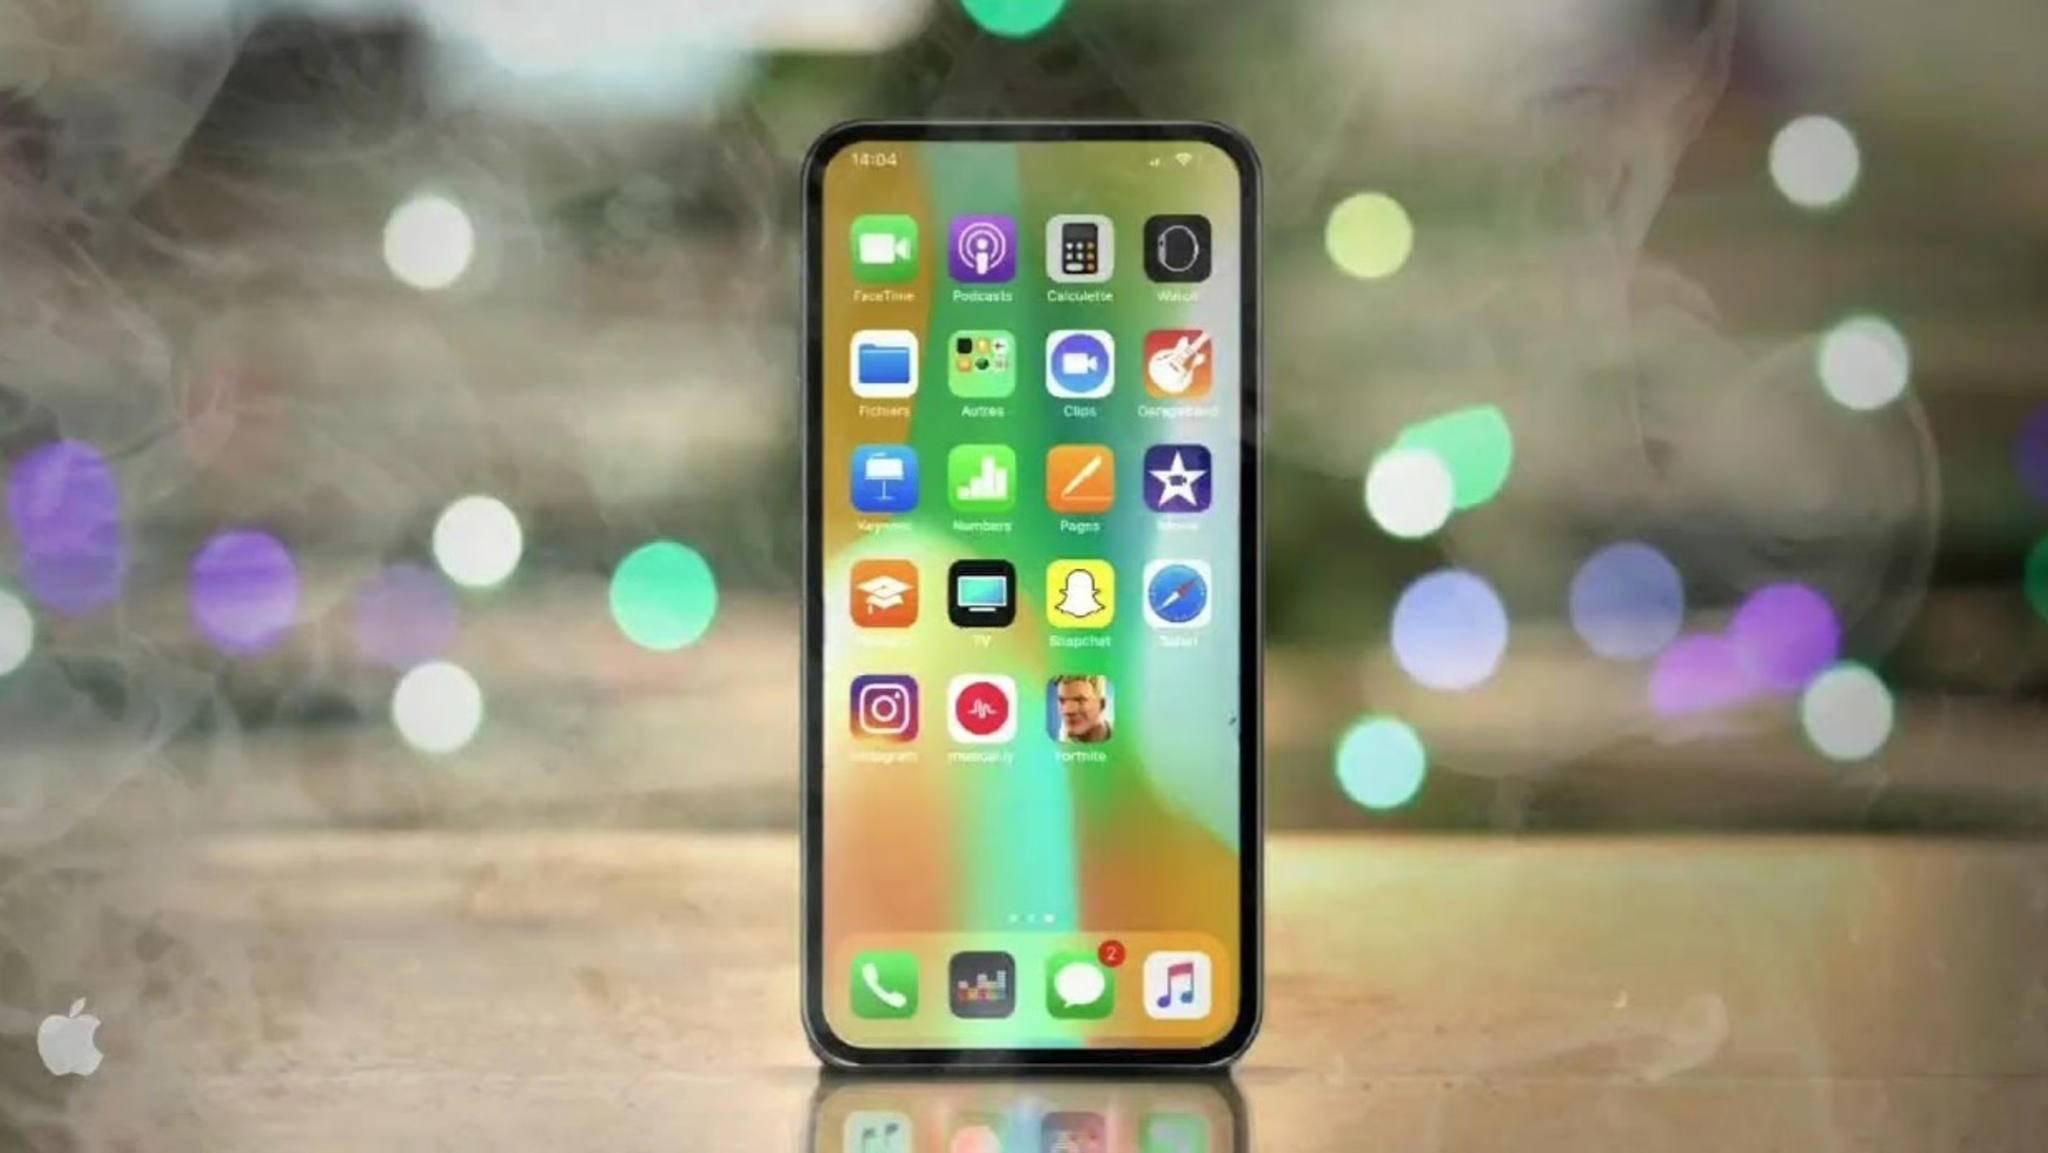 Die höheren Produktionskosten für 5G dürften sich auch auf den Endpreis des iPhone 2020 auswirken.